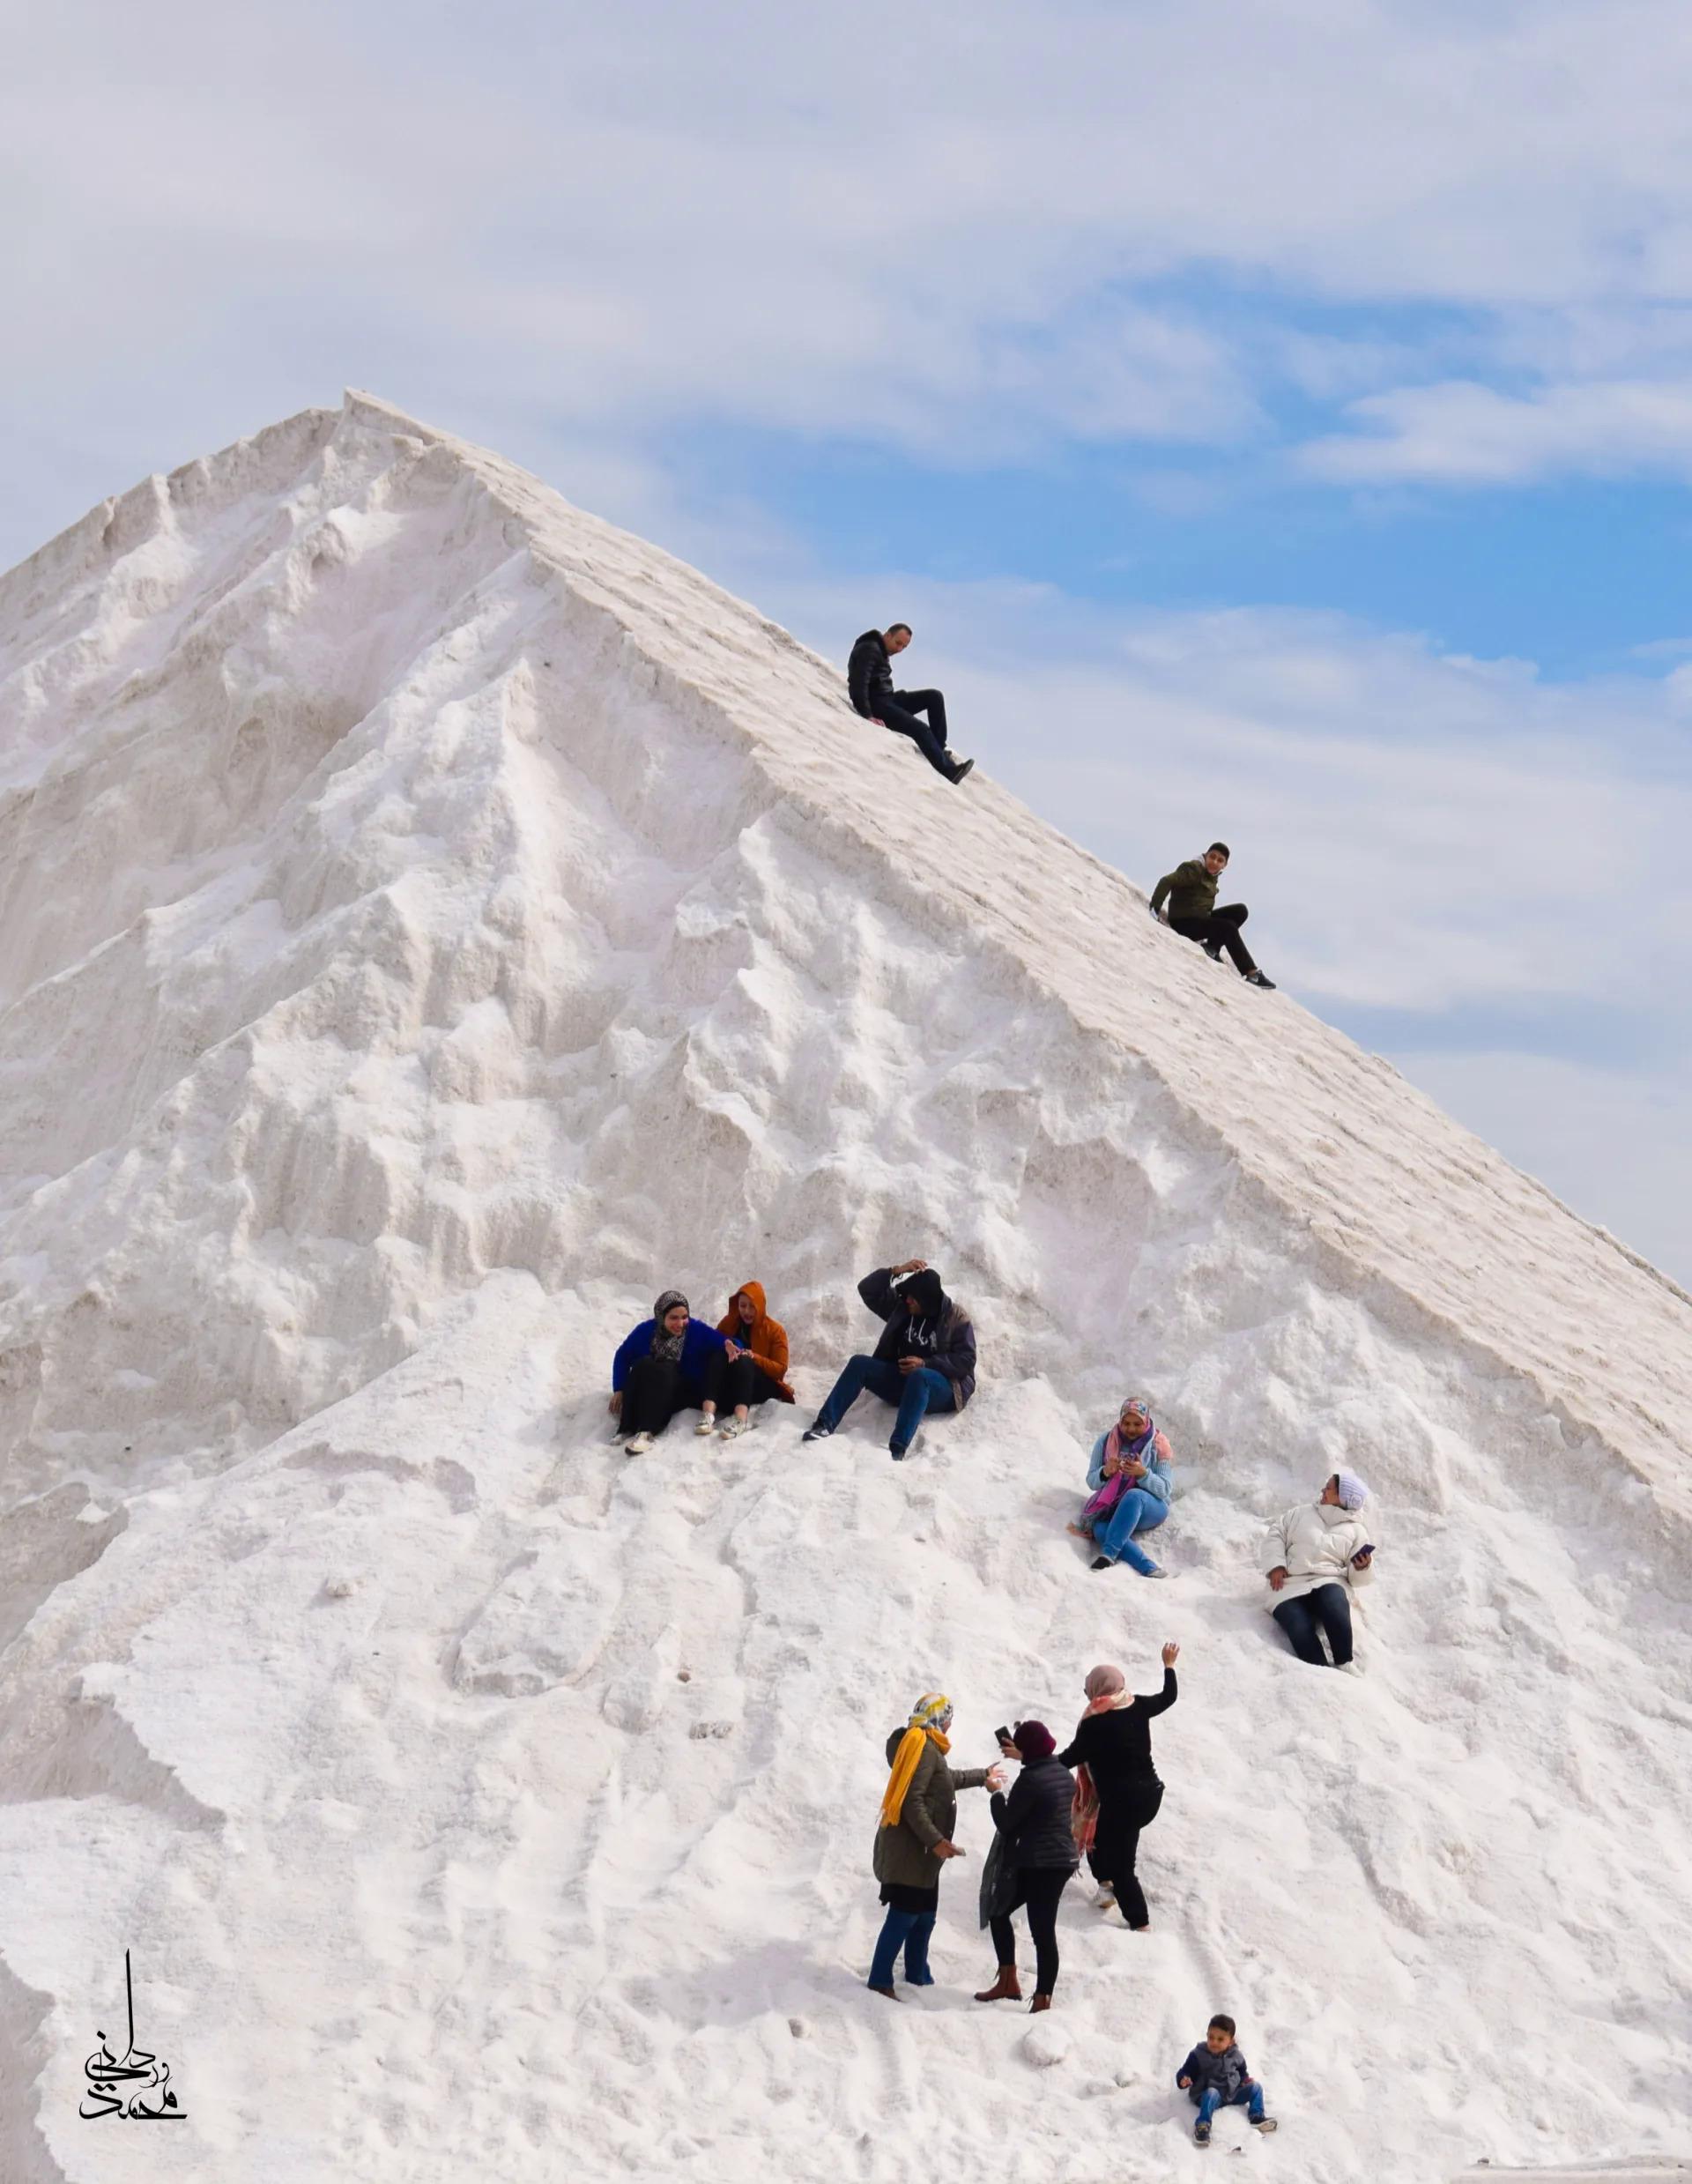 Hình ảnh du khách và người dân tụ tập chơi đùa trước những ngọn núi trắng như tuyết và trượt từ trên đỉnh núi xuống không lạ, tuy nhiên điểm đặc biệt ở đây là khung cảnh này được chụp tại Ai Cập.